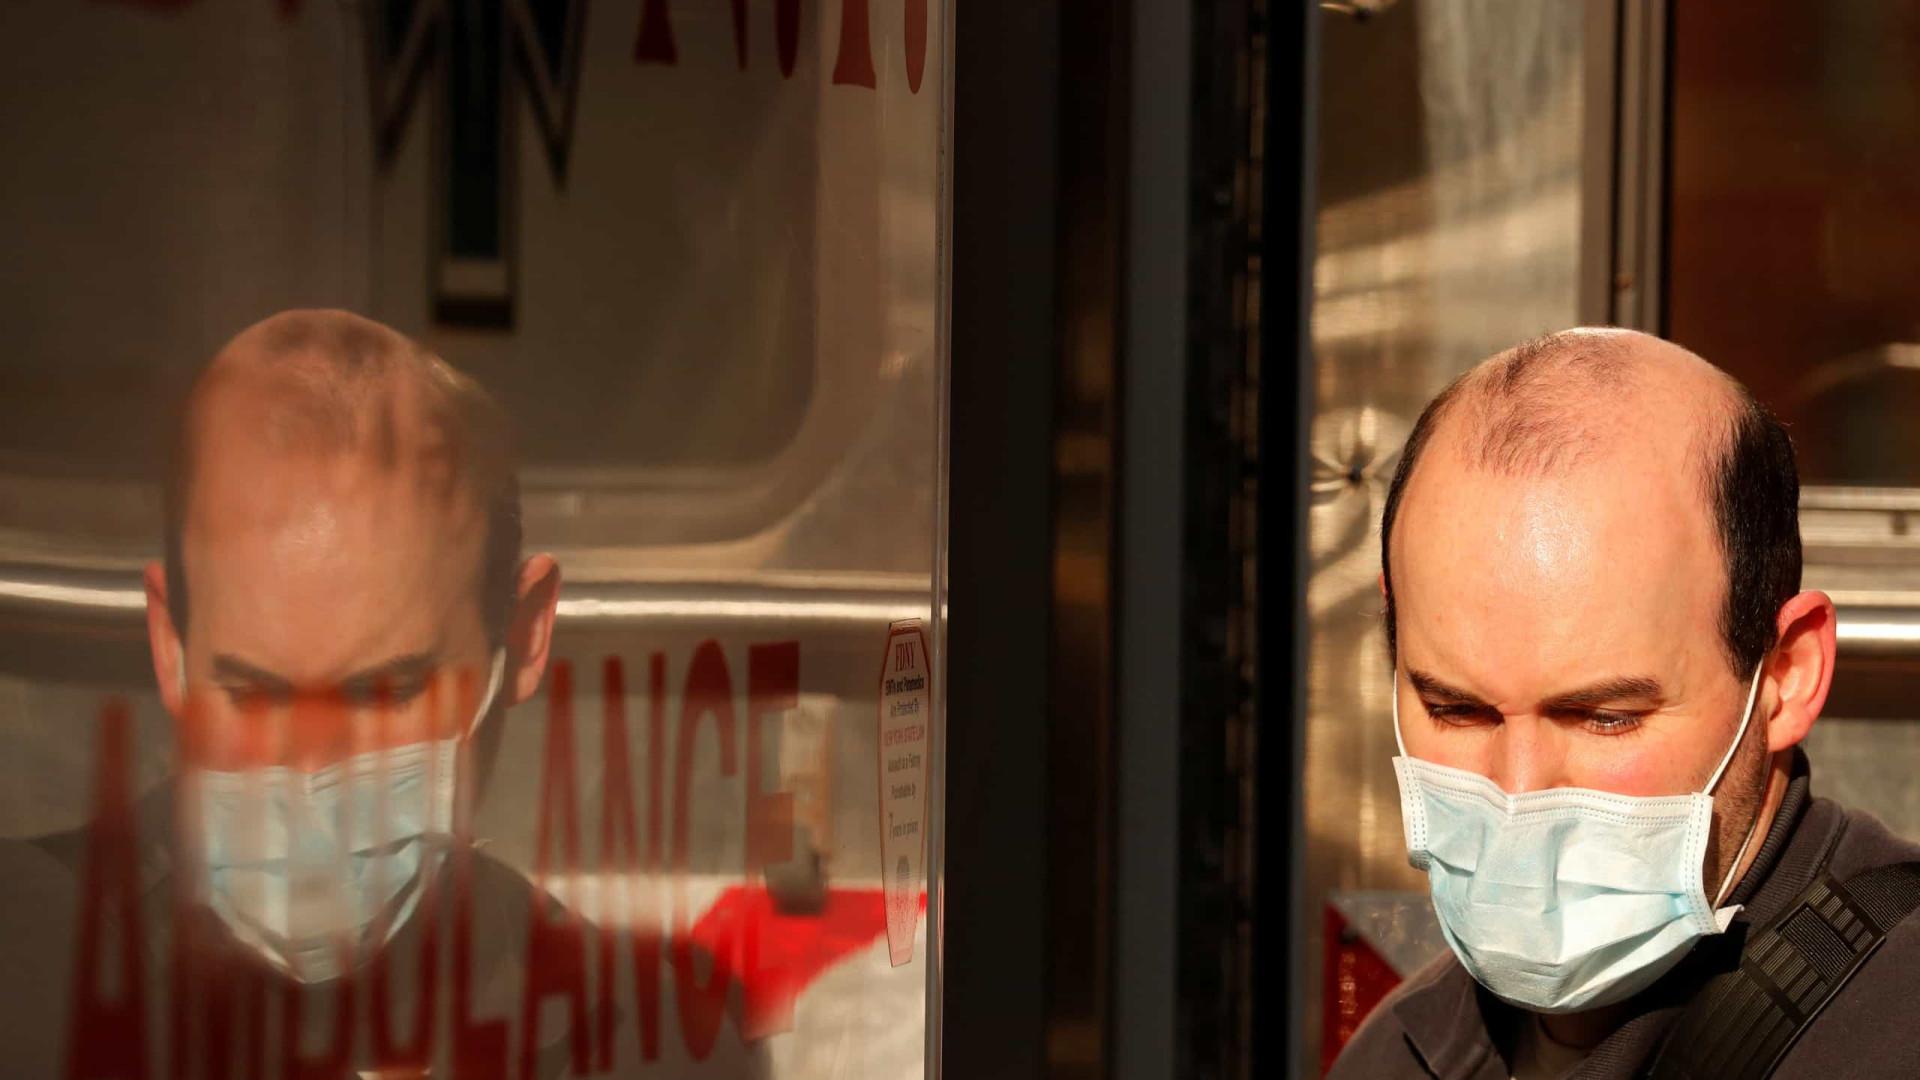 Covid-19: Estudo estima taxa de mortalidade entre 1% e 2% em Nova Iorque